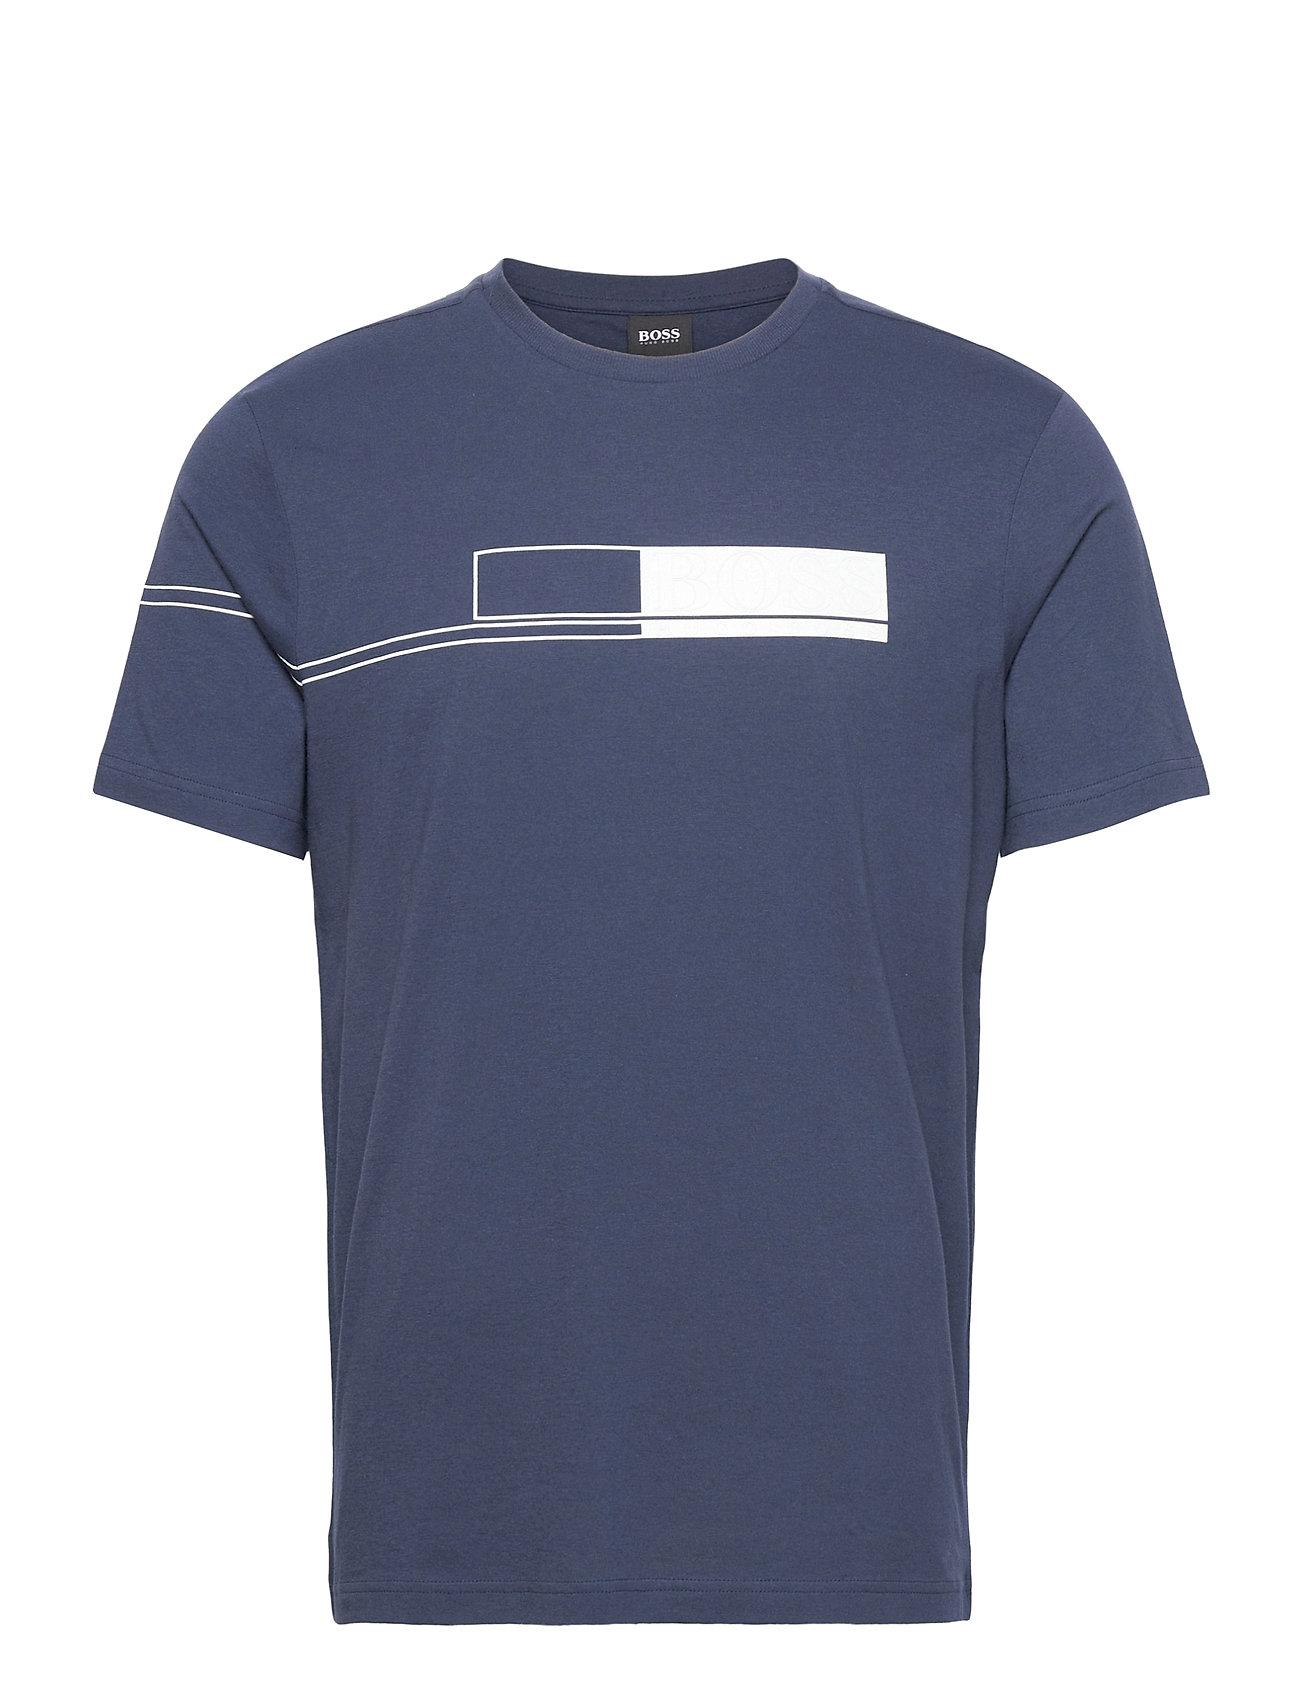 Image of Tee 1 T-shirt Blå BOSS (3466072979)